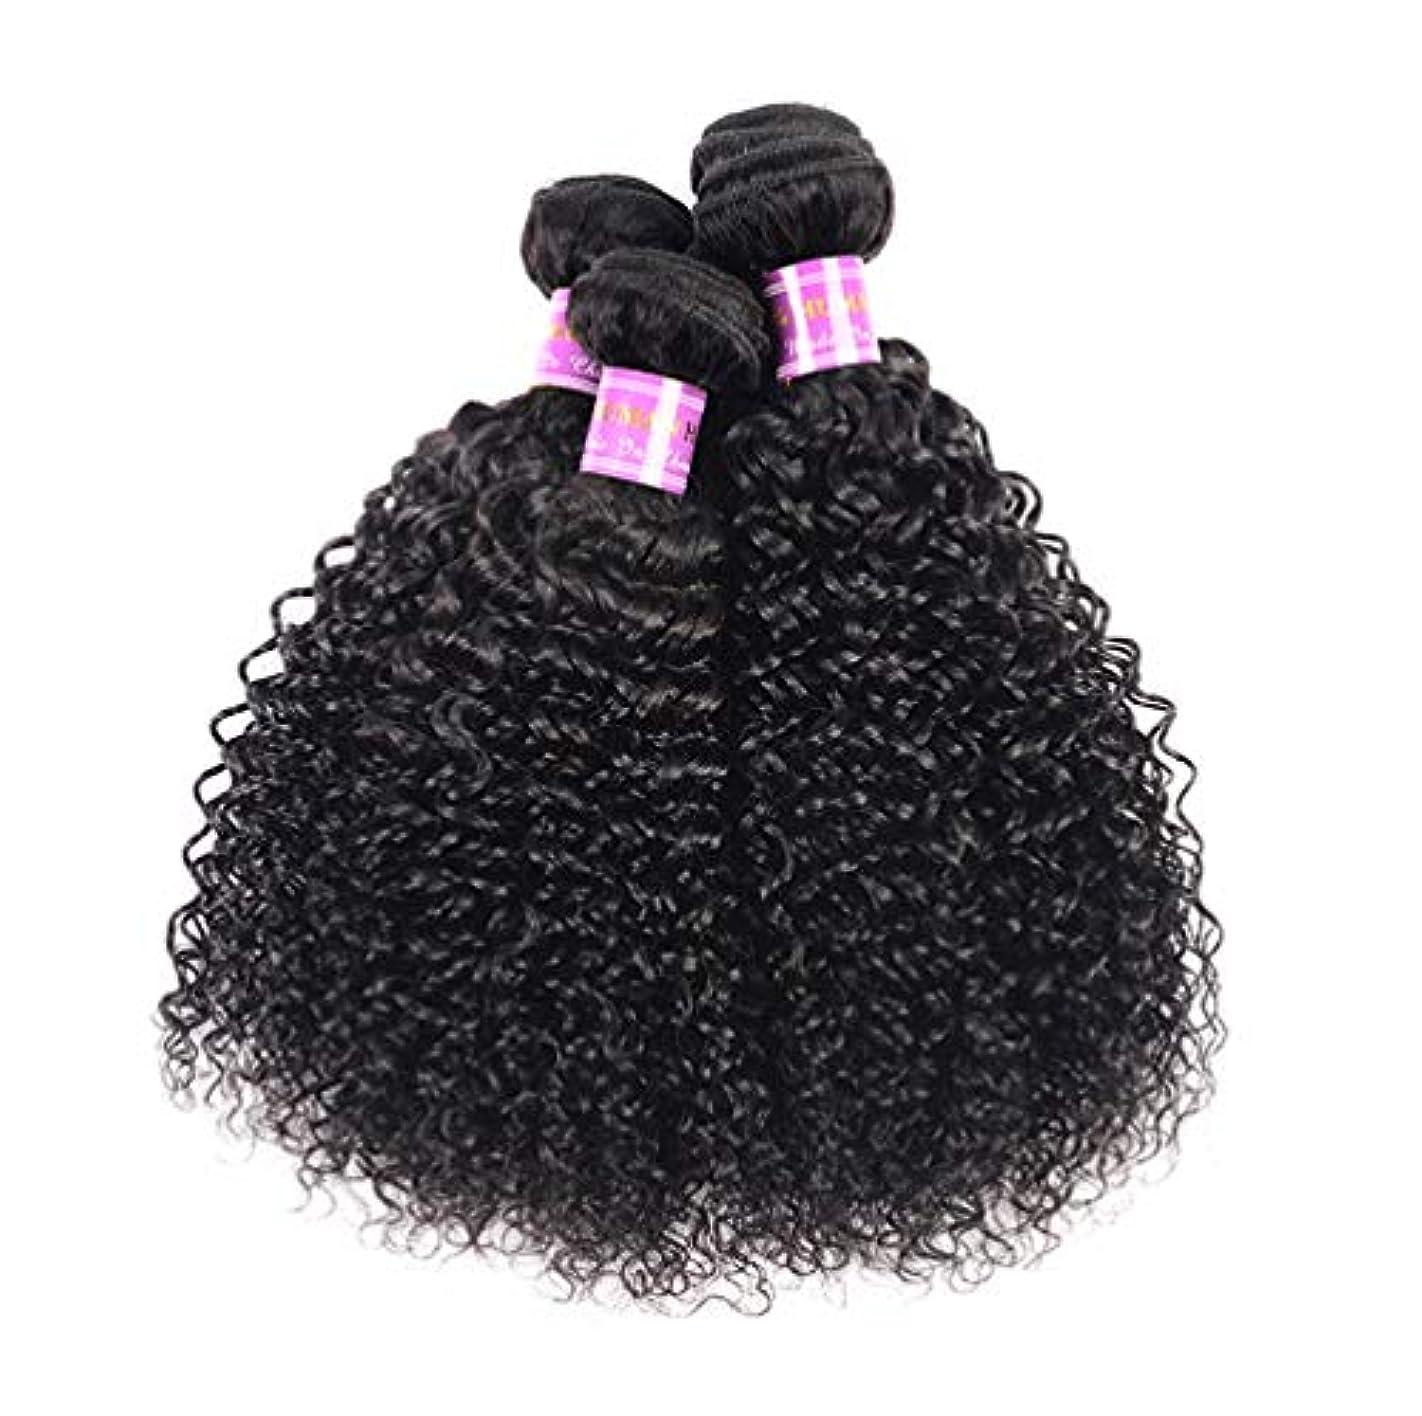 カニ脱臼する配管工ブラジルの毛3の束10Aブラジルボディ波のバージンの毛100%未処理1B色の二重よこ糸の人間の毛髪延長